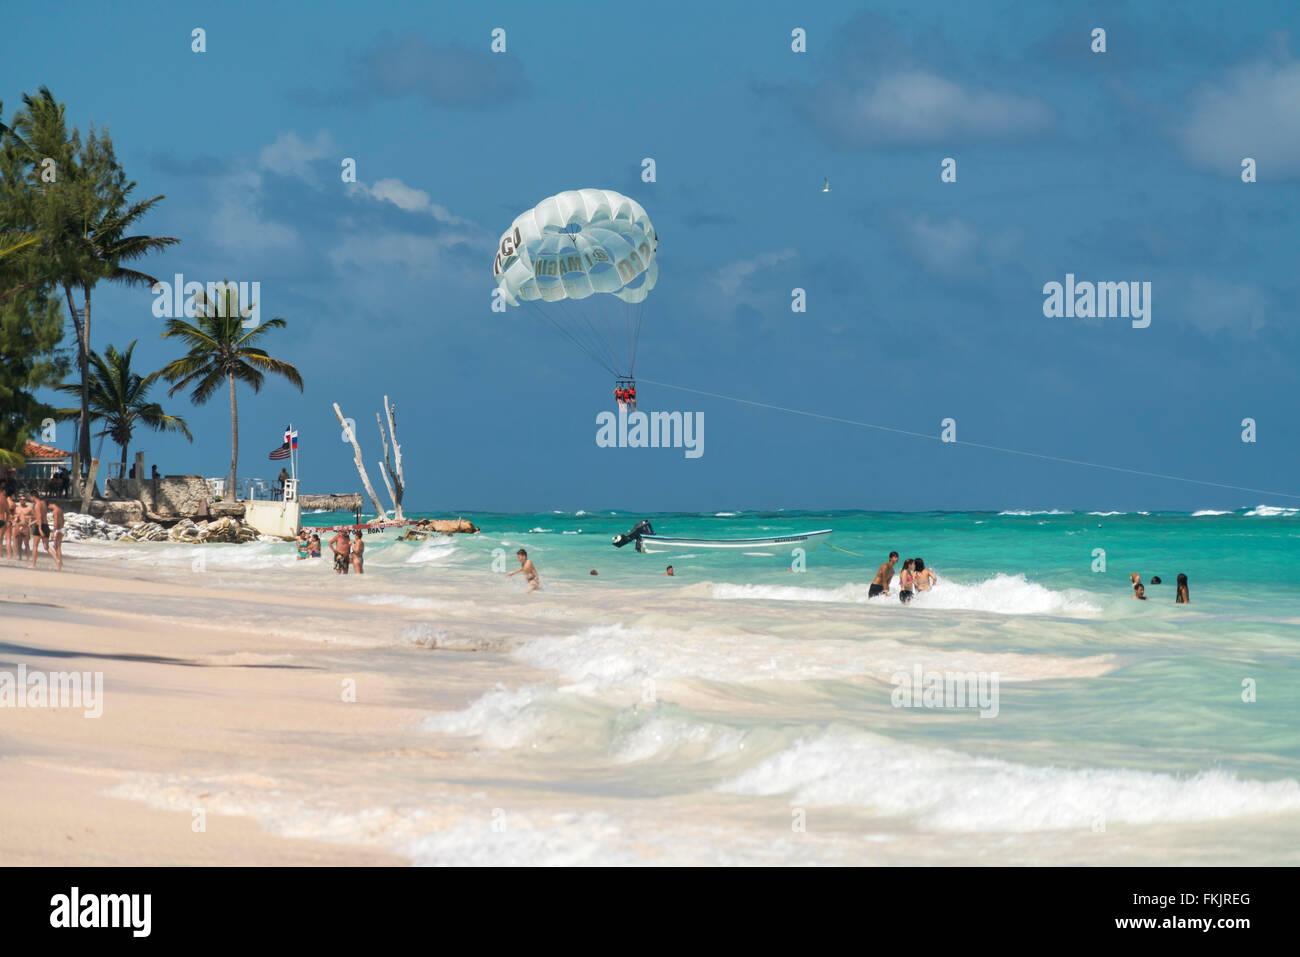 Parapente en la playa de palmeras de la Playa Bavaro, Punta Cana, República Dominicana, El Caribe, América, Imagen De Stock